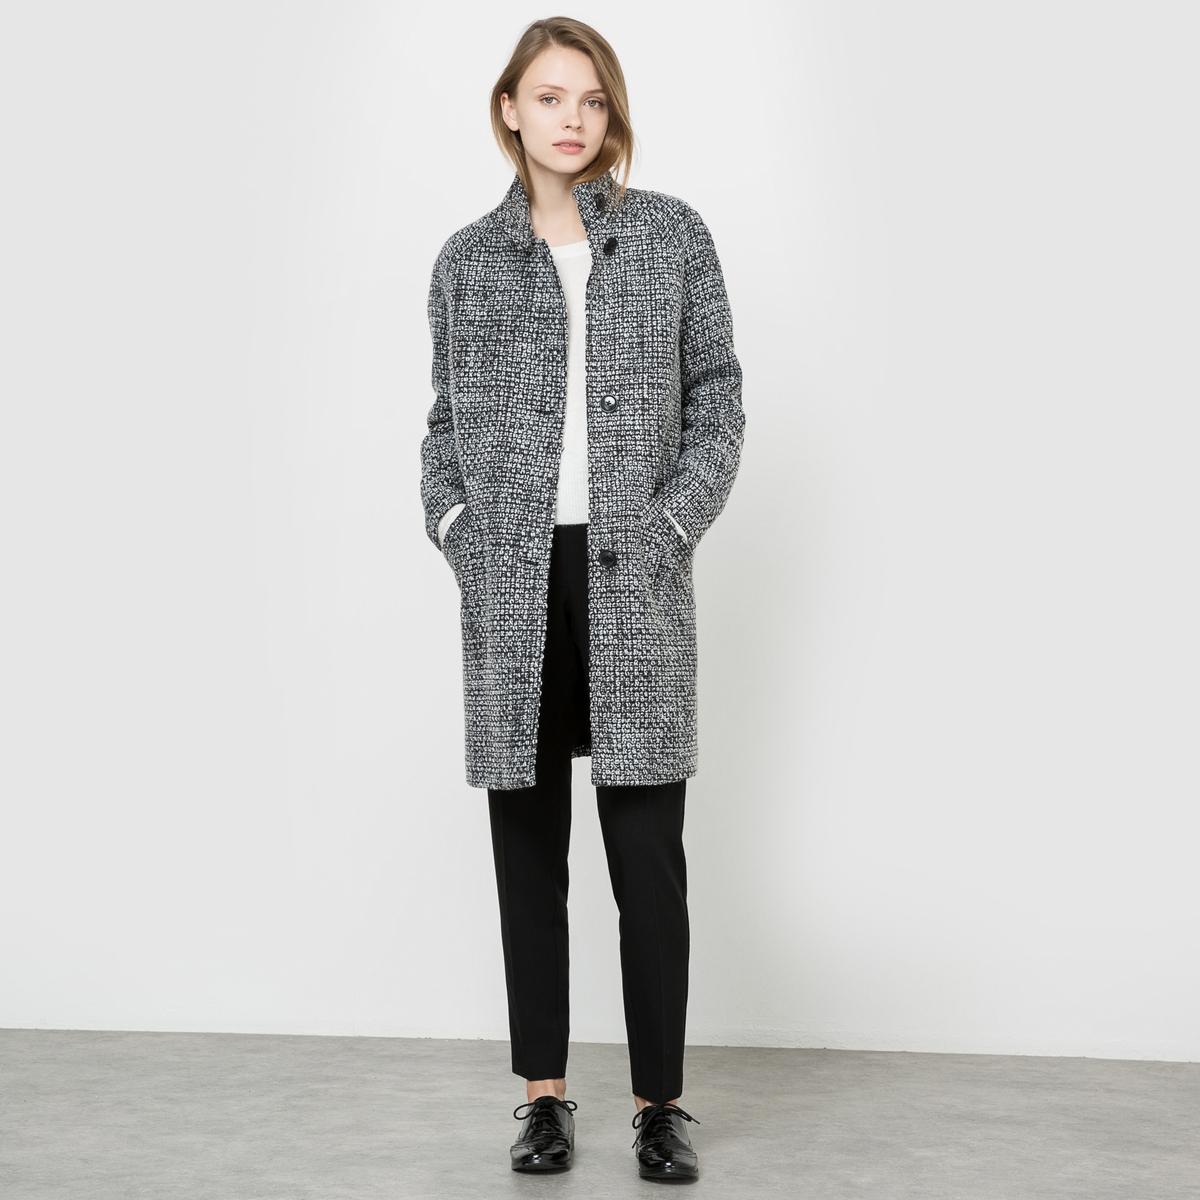 Пальто с плетением рогожкаПальто. Плетеный материал, легкий и комфортный. Слегка овальная форма. Высокий воротник. Застежка на пуговицы. 2 косых кармана спереди. На подкладке.  Состав и описаниеМатериалы : Пальто 82% полиэстера, 12% акрила, 6% шерсти - Подкладка 100% полиэстераДлина : 89 смМарка : R EditionУходСухая чистка<br><br>Цвет: черный/ белый<br>Размер: 36 (FR) - 42 (RUS).40 (FR) - 46 (RUS)